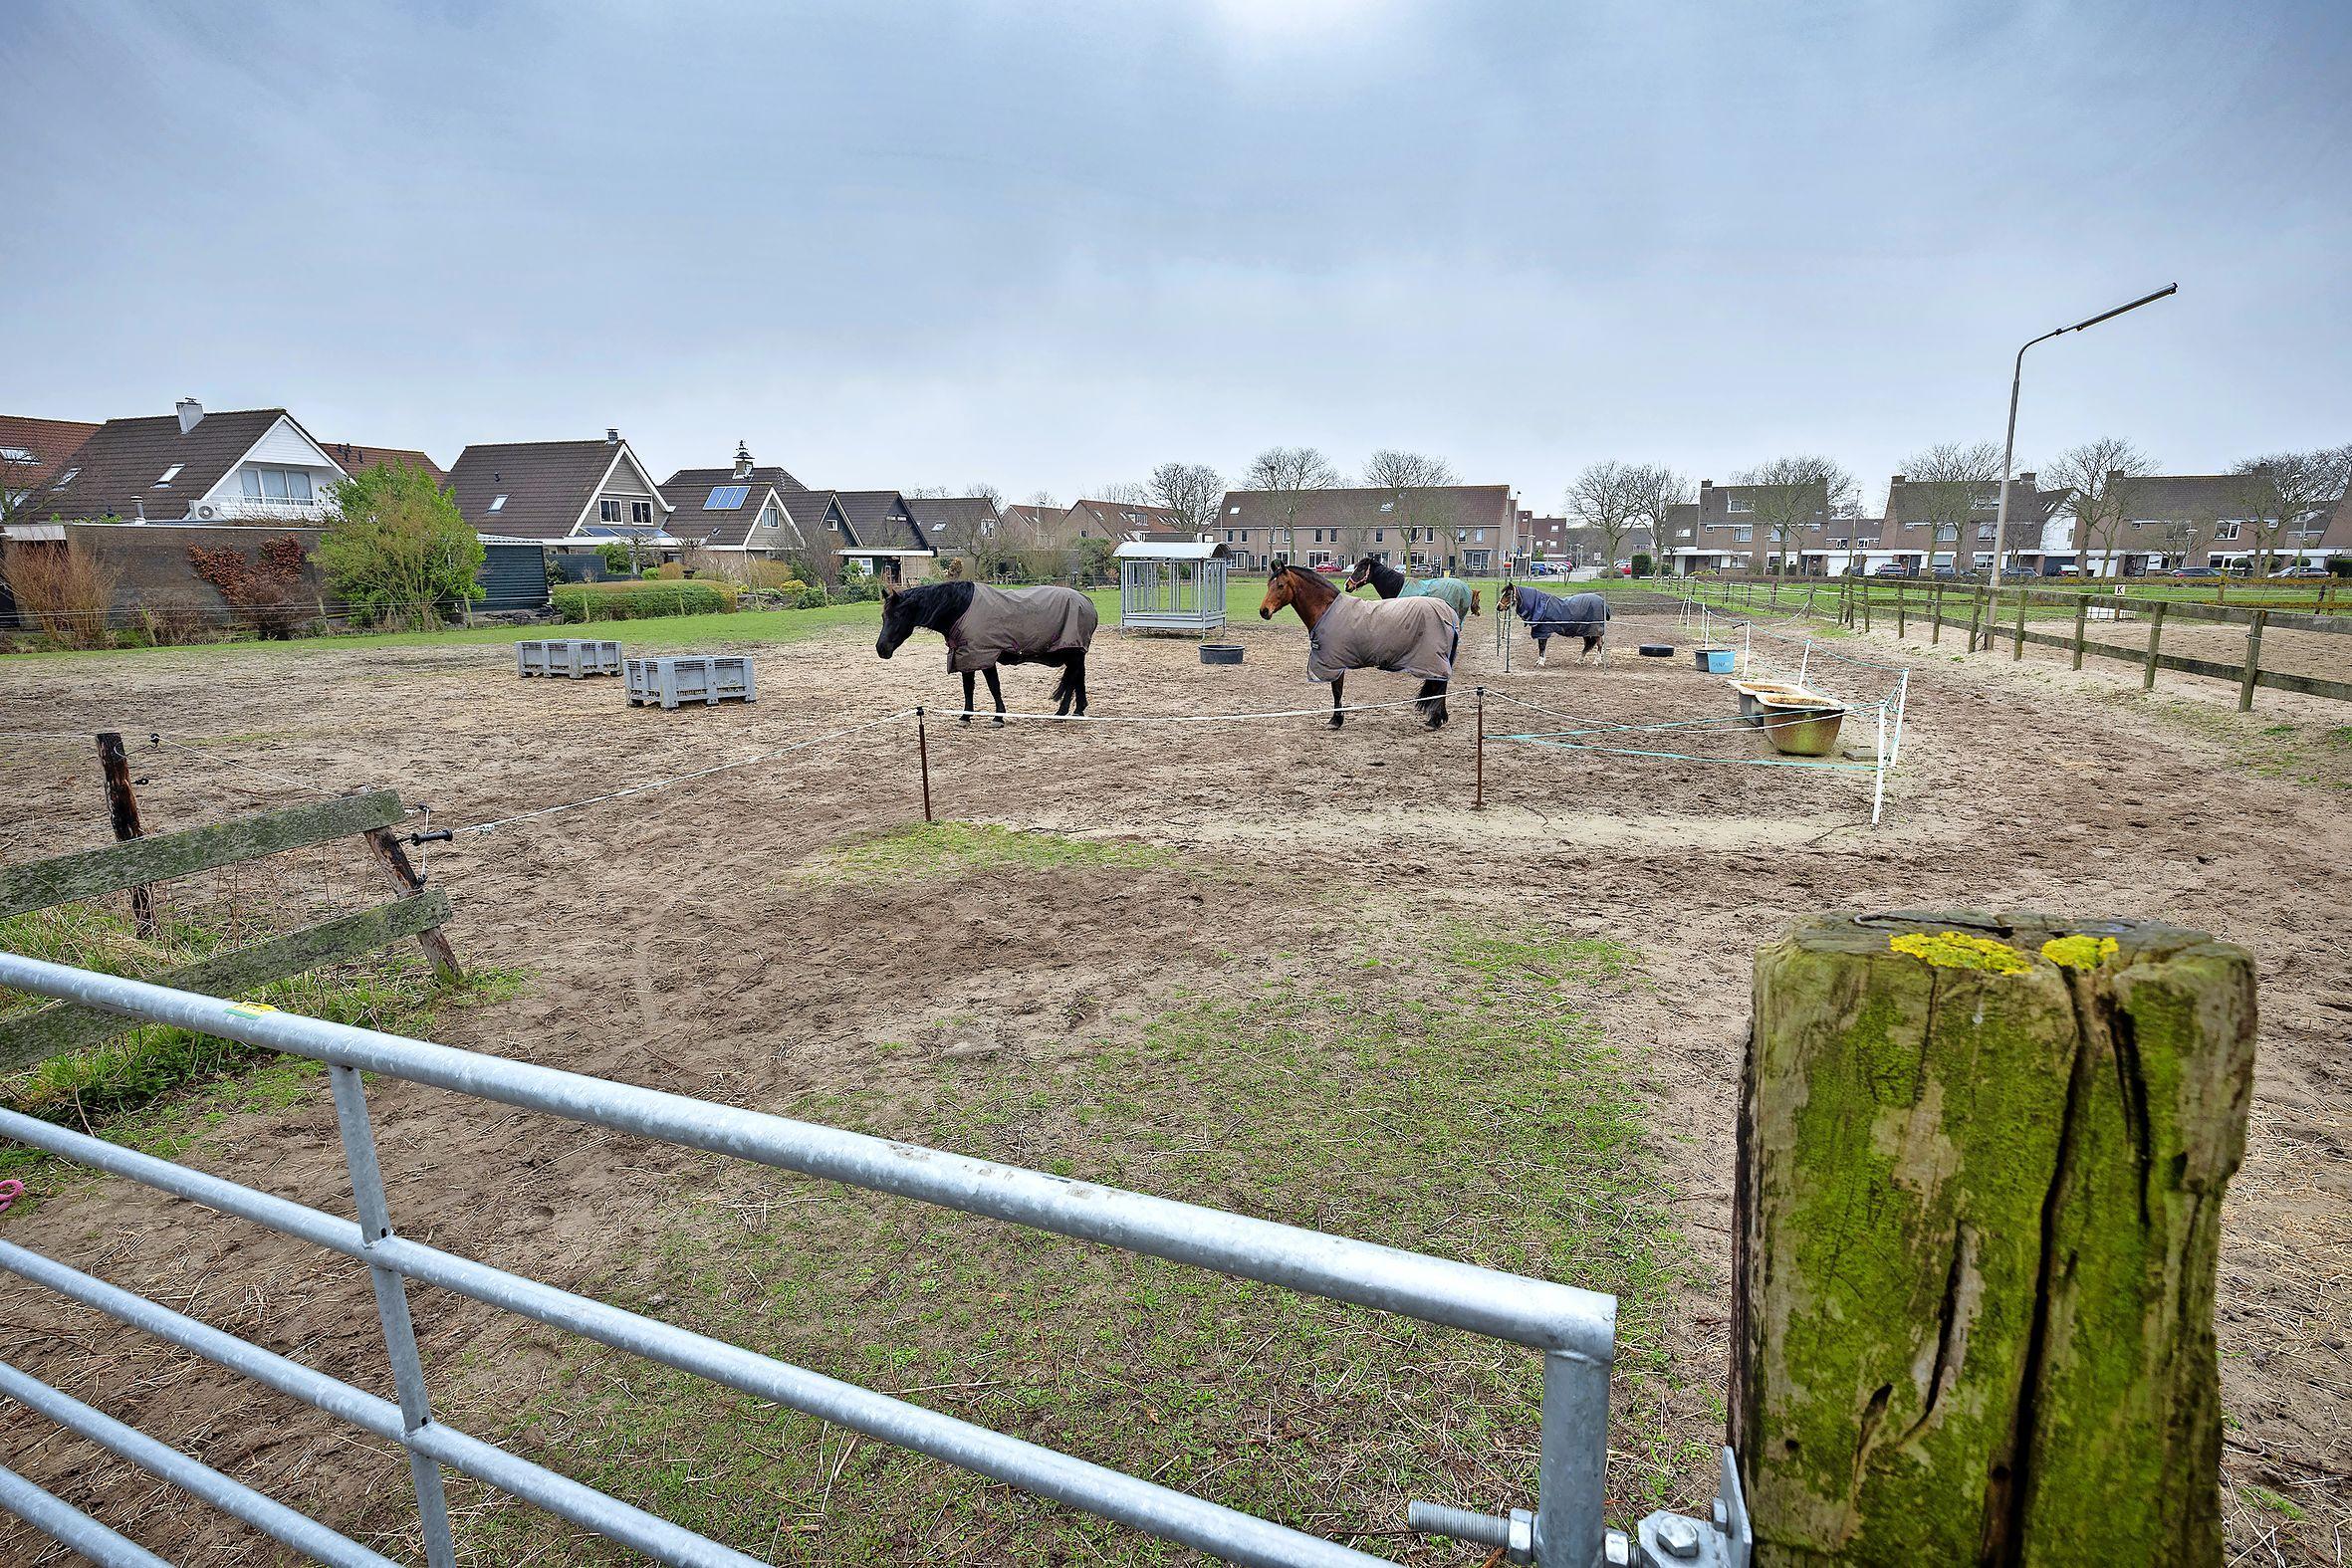 Vijftig nieuwe woningen op plek Schoorl Paardenpension in Velserbroek: 'elke privéparkeerplaats krijgt oplaadpunt voor elektrische auto's'